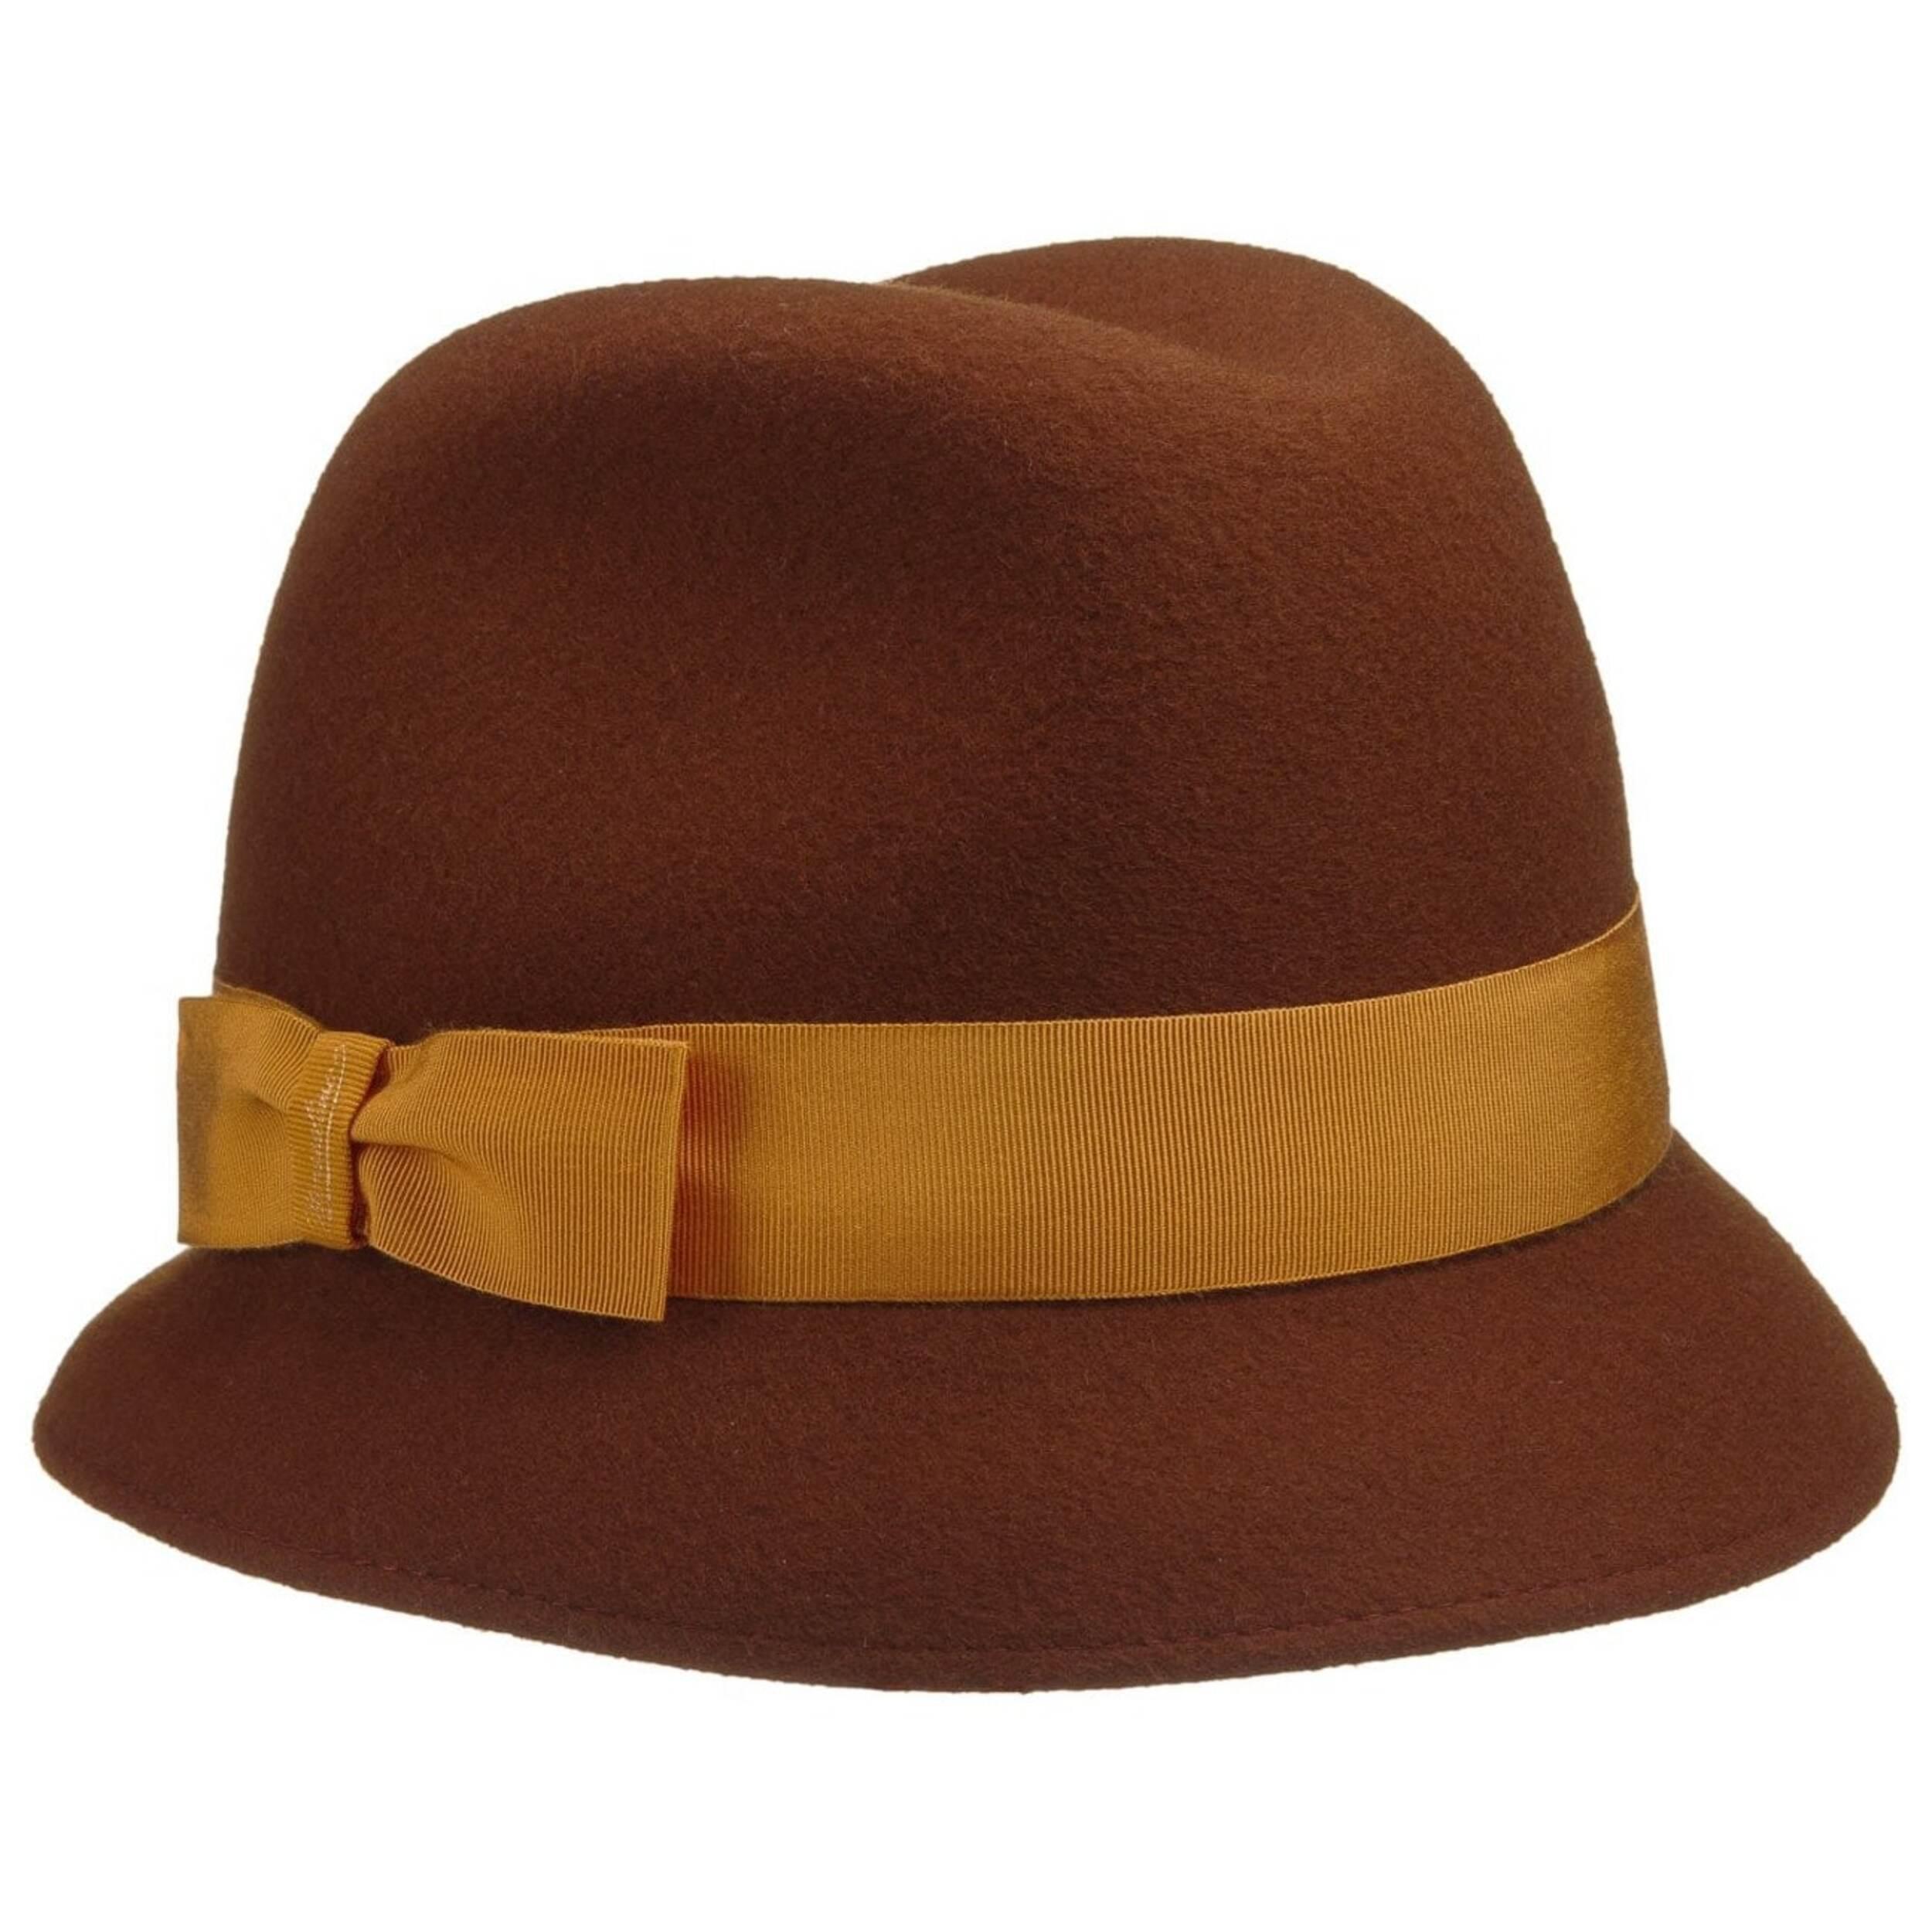 chapeau petit pour femme by borsalino 169 00. Black Bedroom Furniture Sets. Home Design Ideas